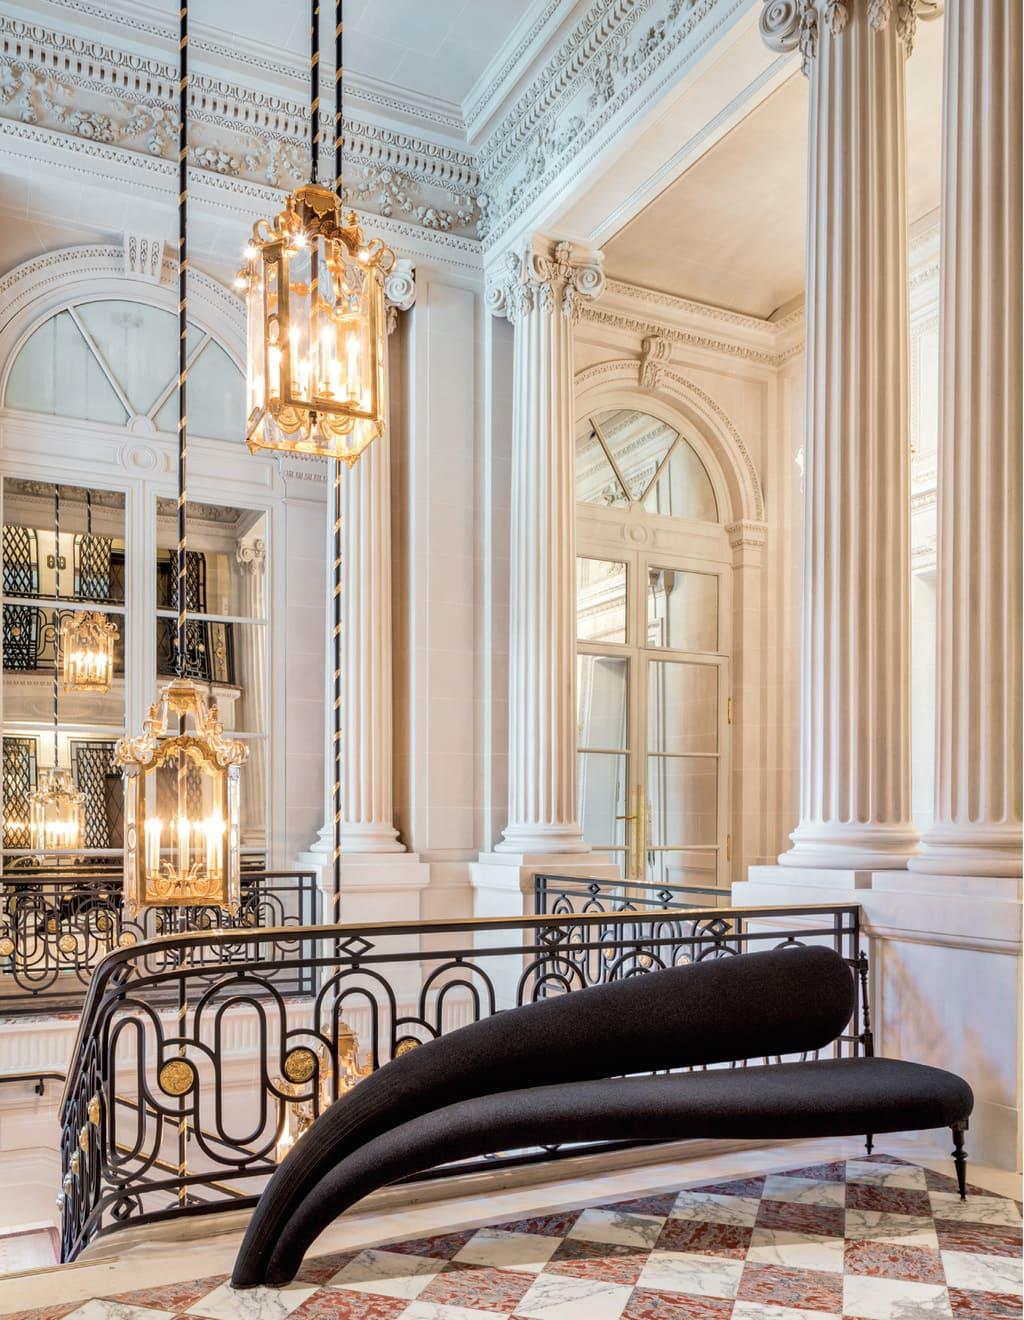 Hotel-de-Crillon-Chahan-Minassian-3-4